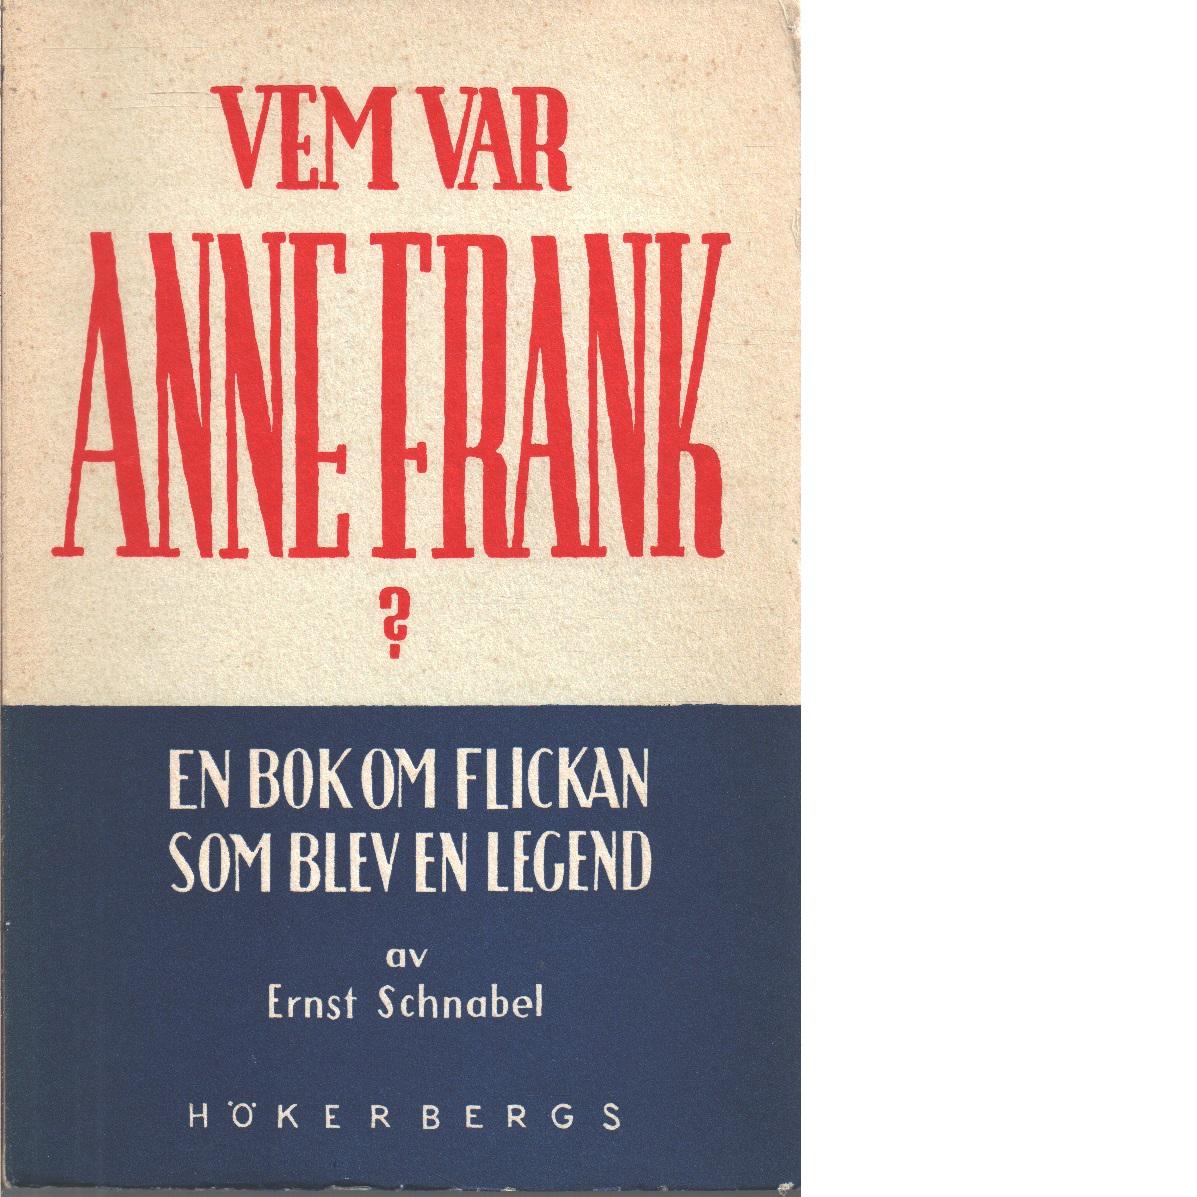 Vem var Anne Frank? : en bok om flickan som blev en legend - Schnabel, Ernst